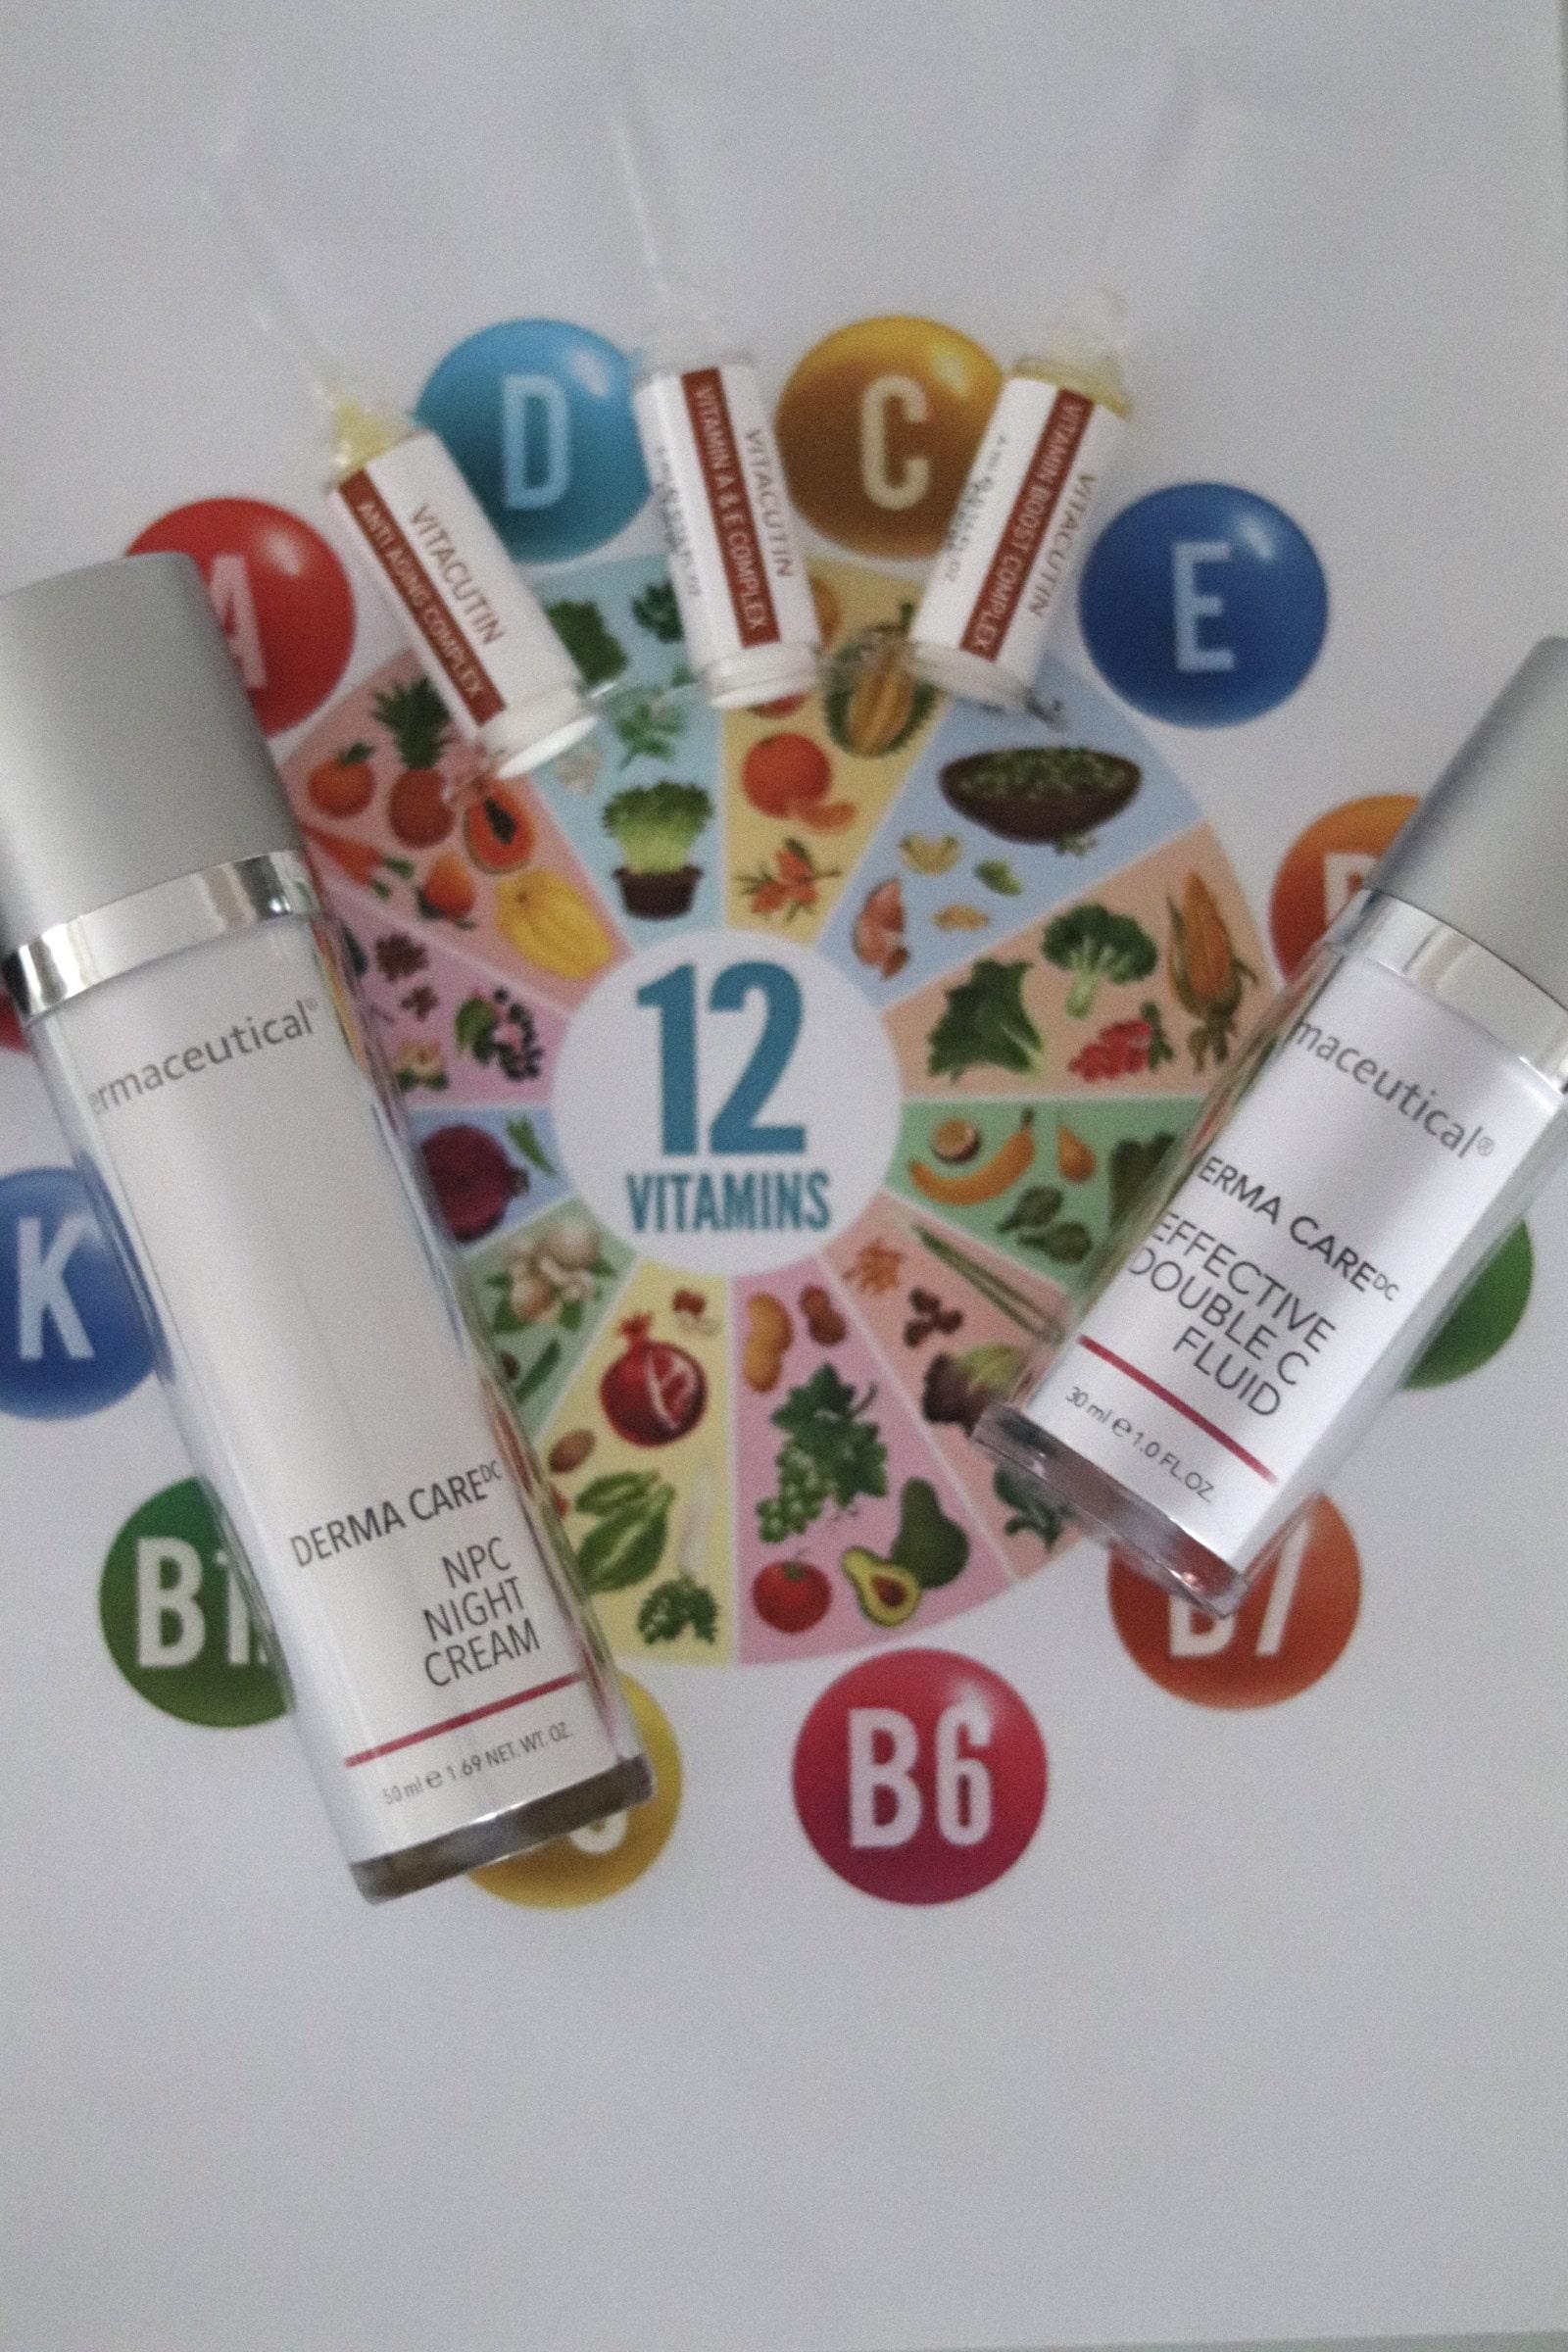 Vitamine in dermaceutical Hautpflege